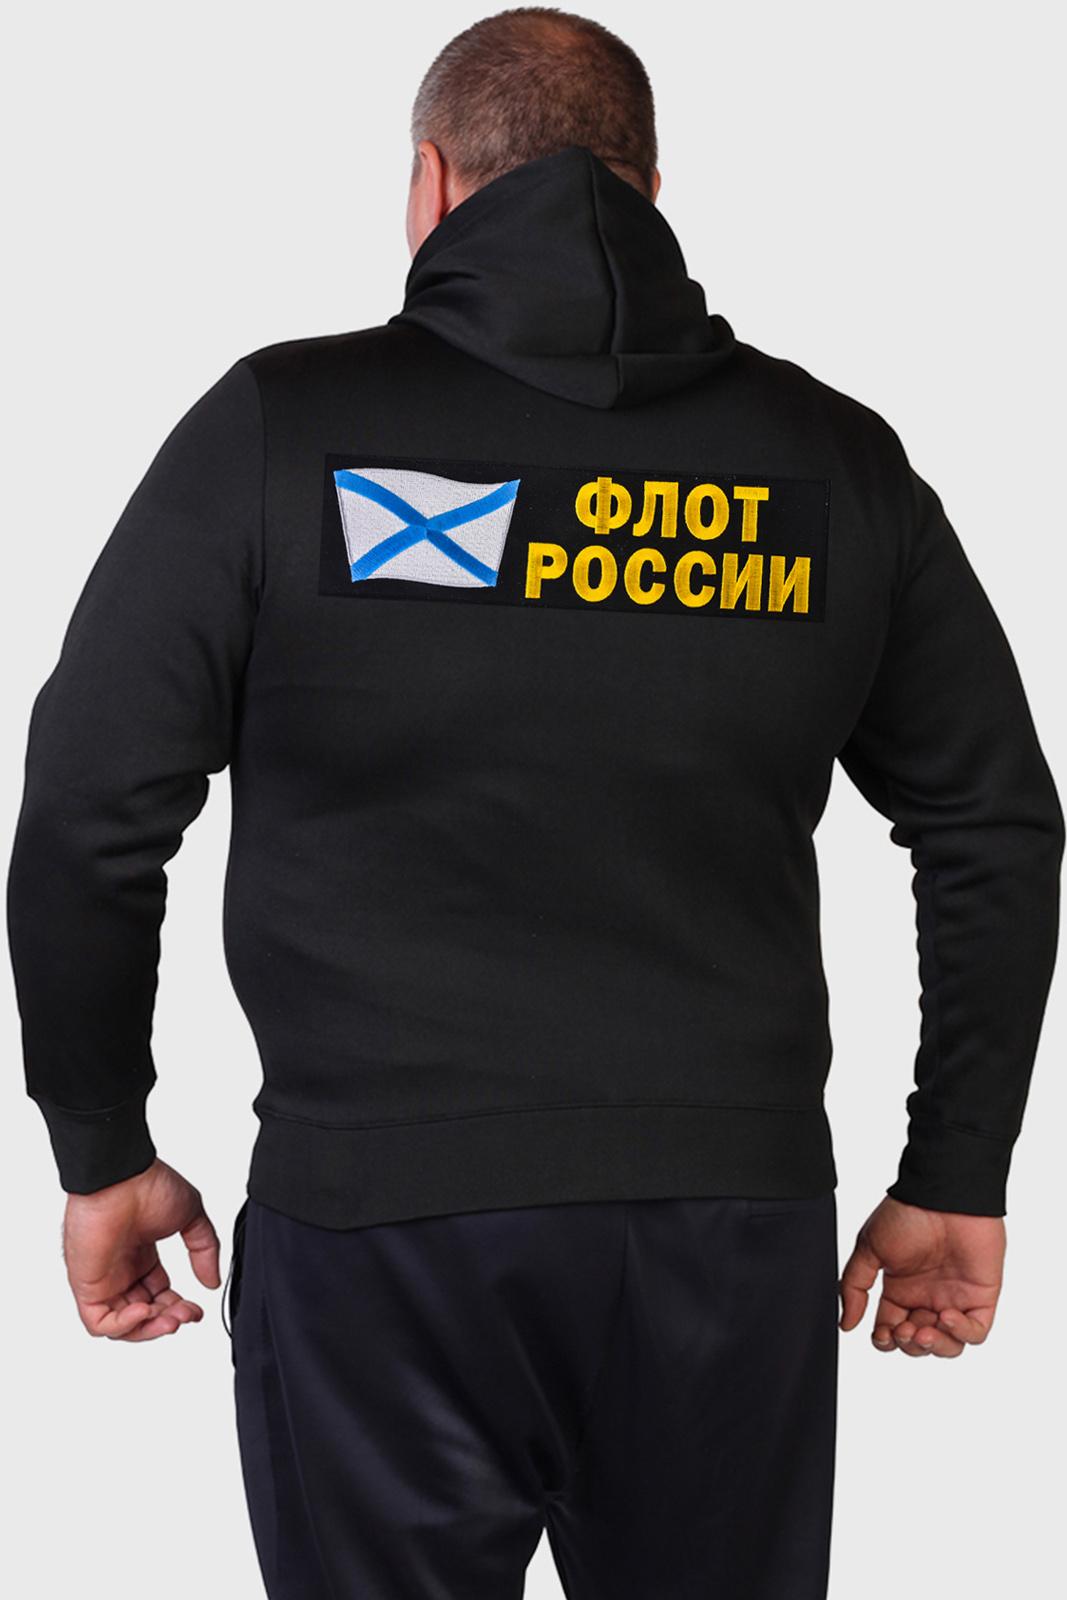 3341e665bf77 Мужская кофта-толстовка в дизайне Флота РФ.